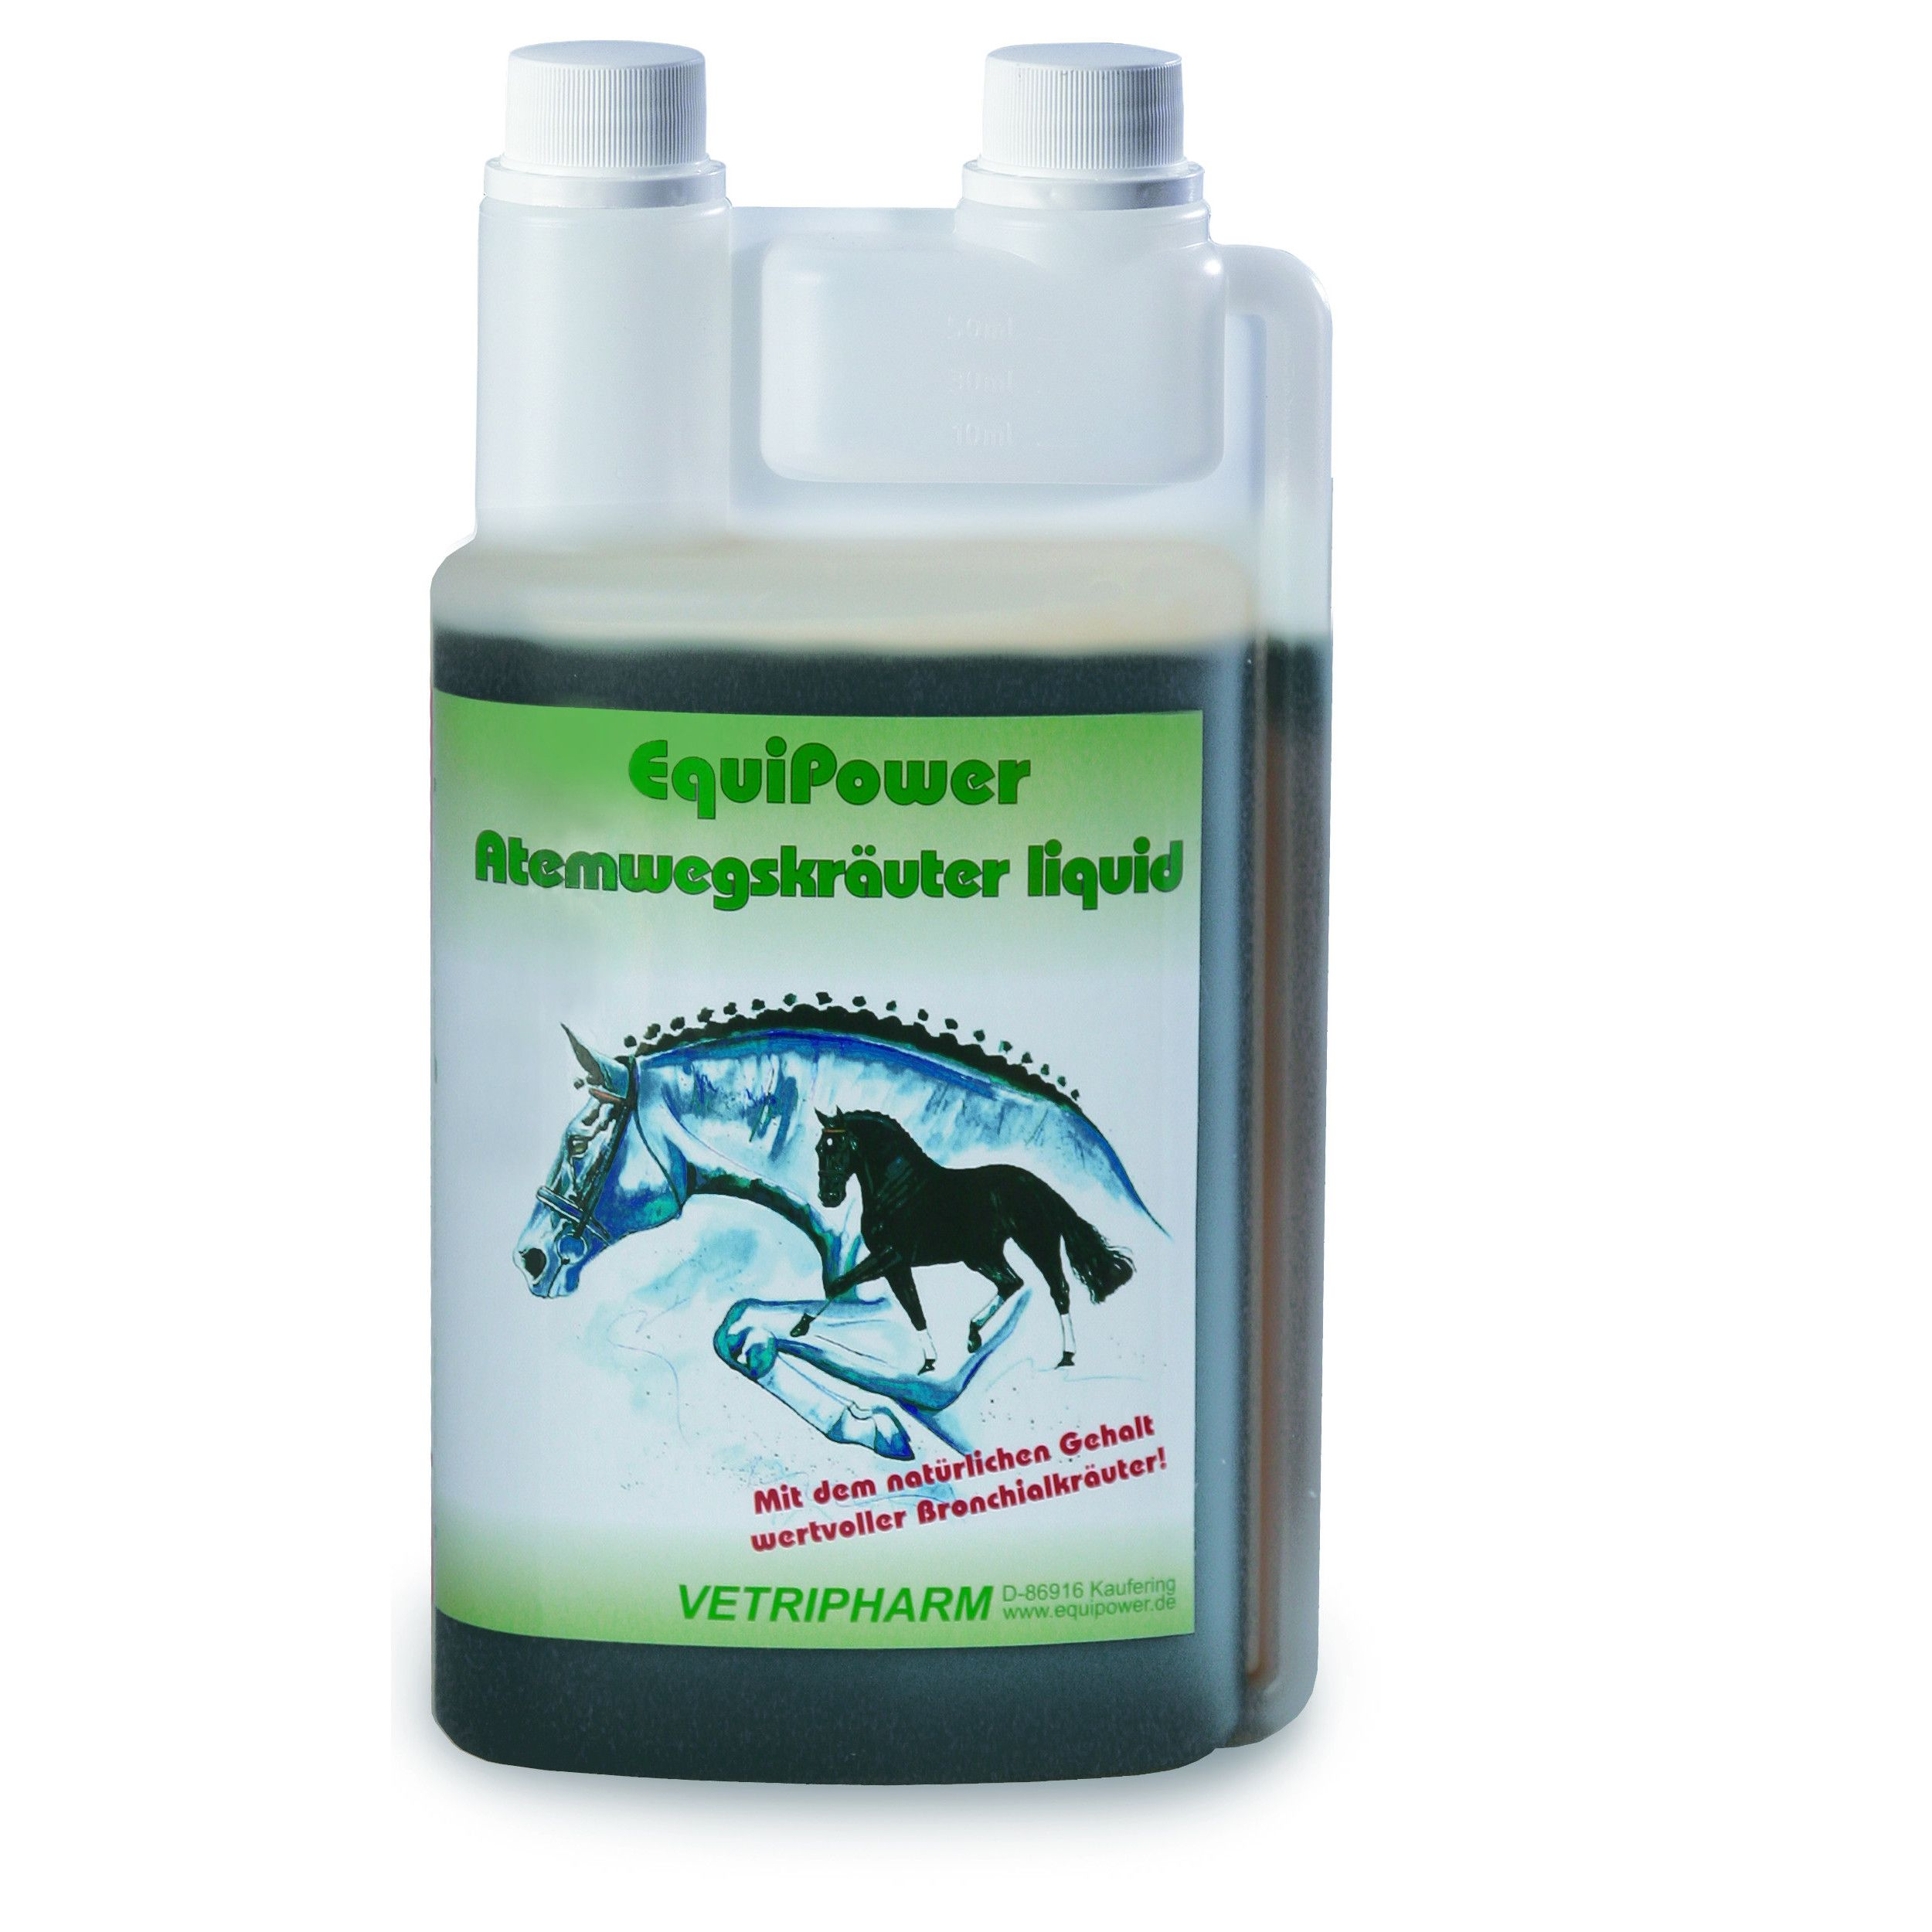 Vetripharm EquiPower Atemwegskräuter liquid